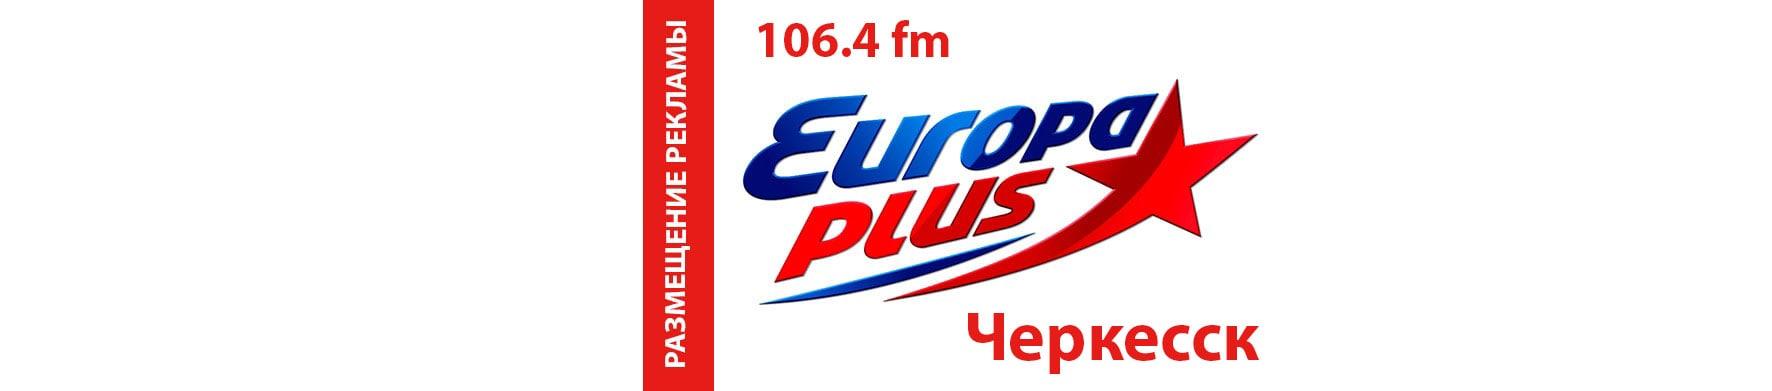 Реклама на радио в Карачаево-Черкессии Европа Плюс